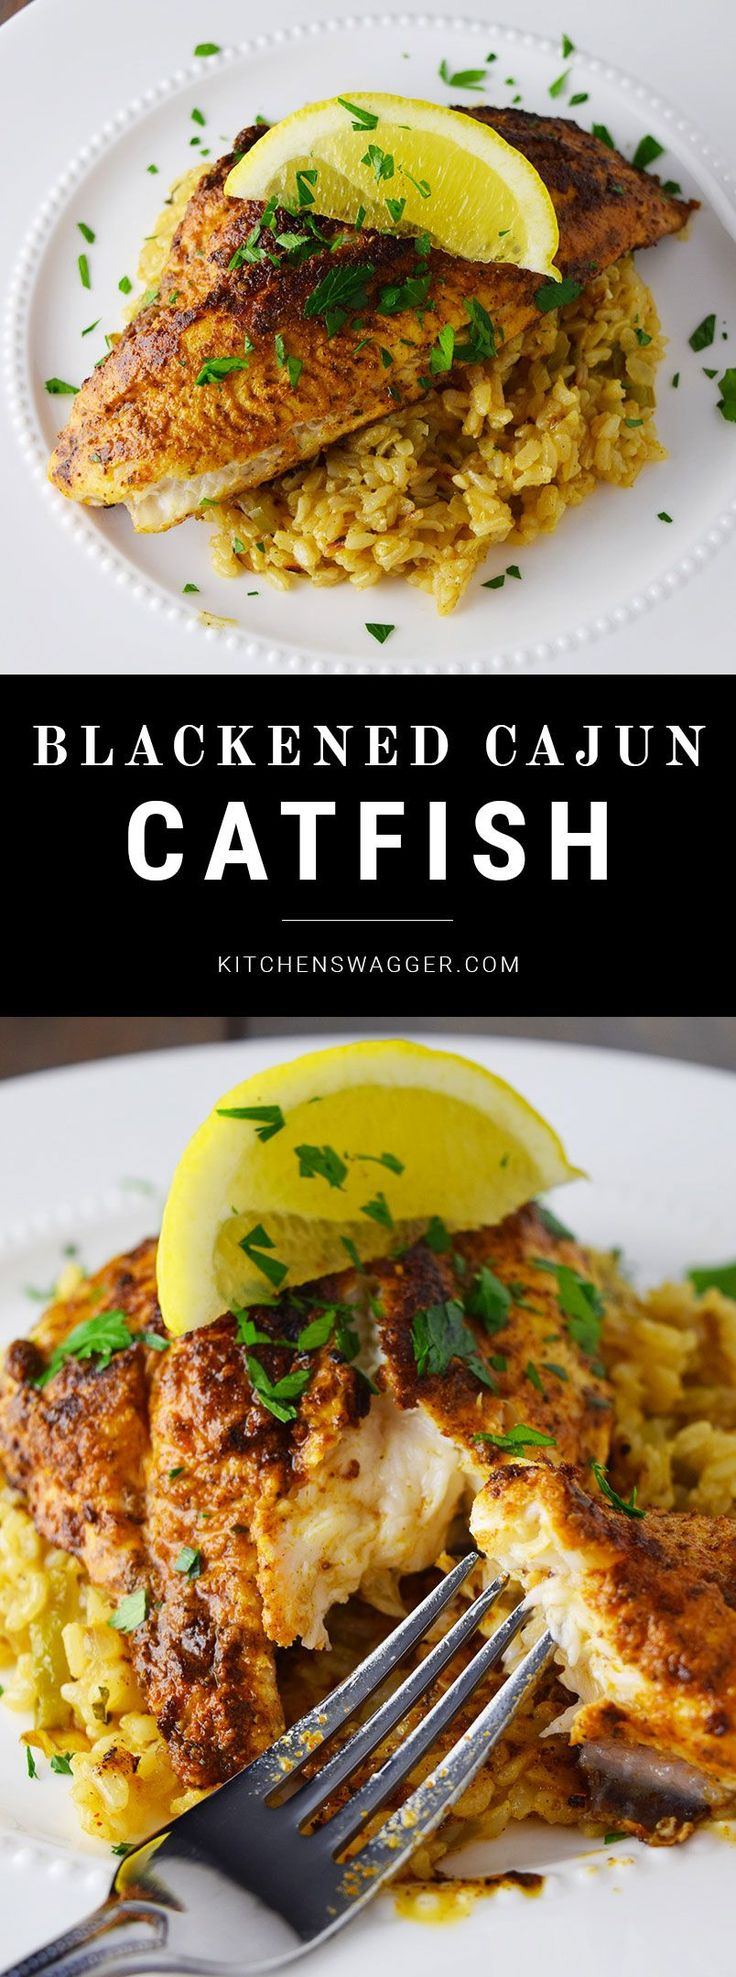 Blackened catfish over spicy, cajun rice. (Baking Salmon Blackened)